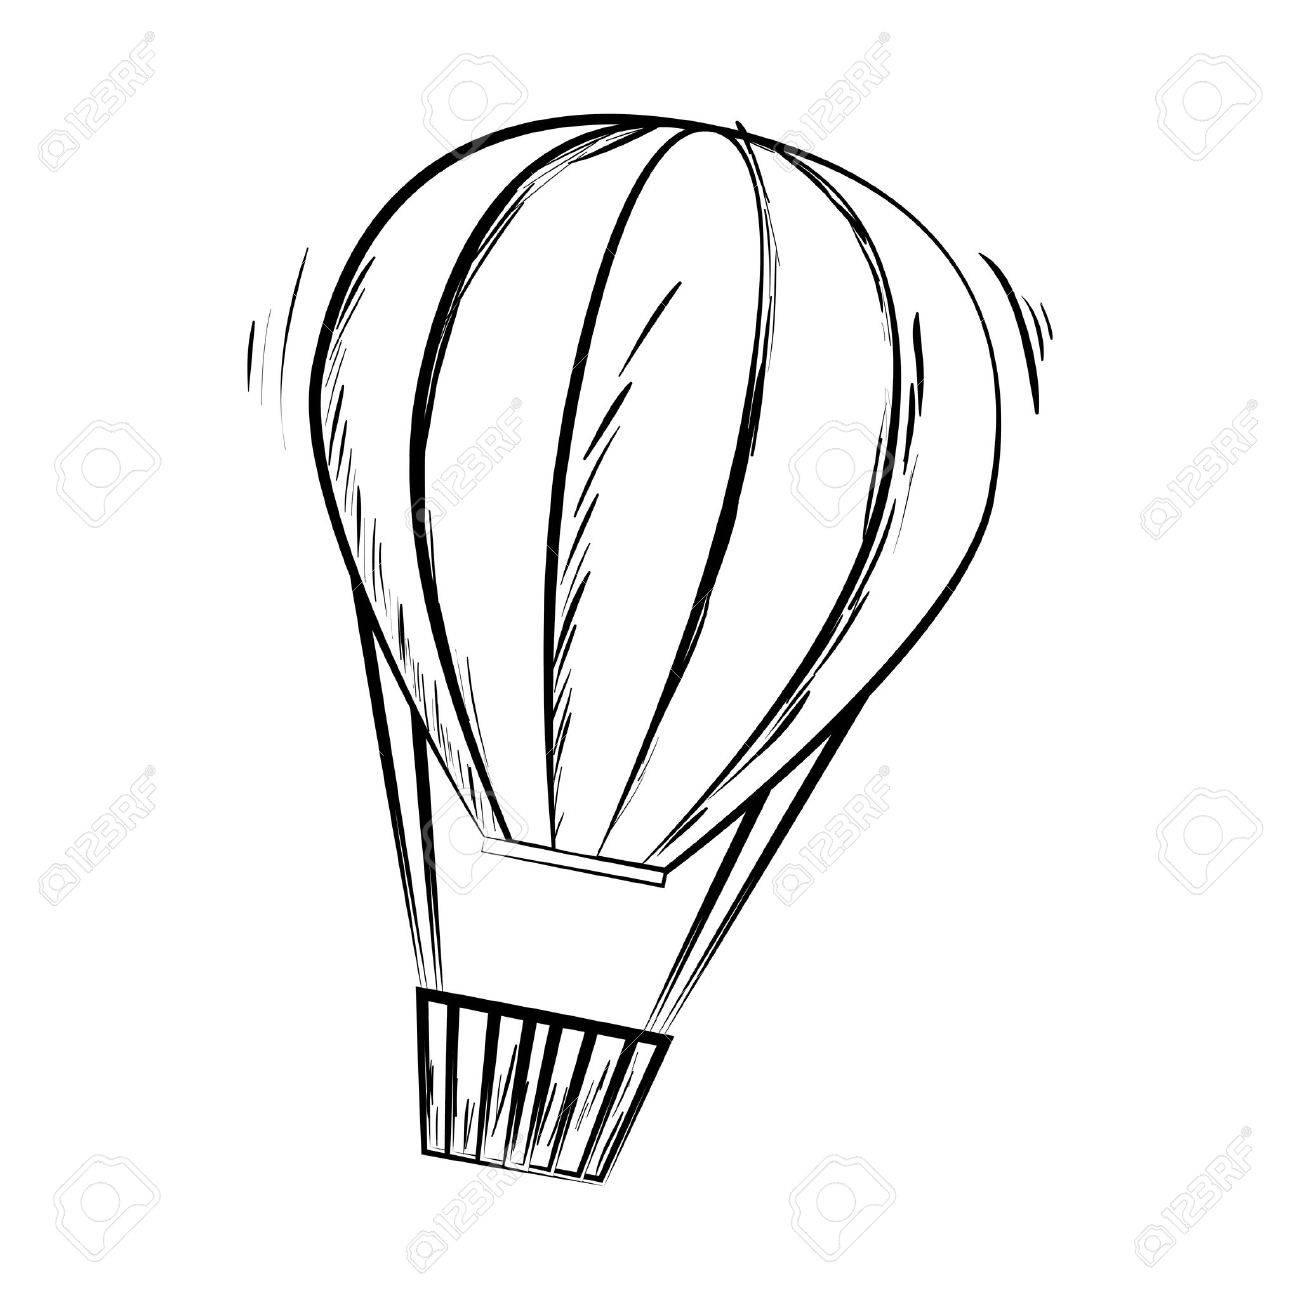 Großartig Heißluftballon Farbseite Bilder - Malvorlagen-Ideen ...